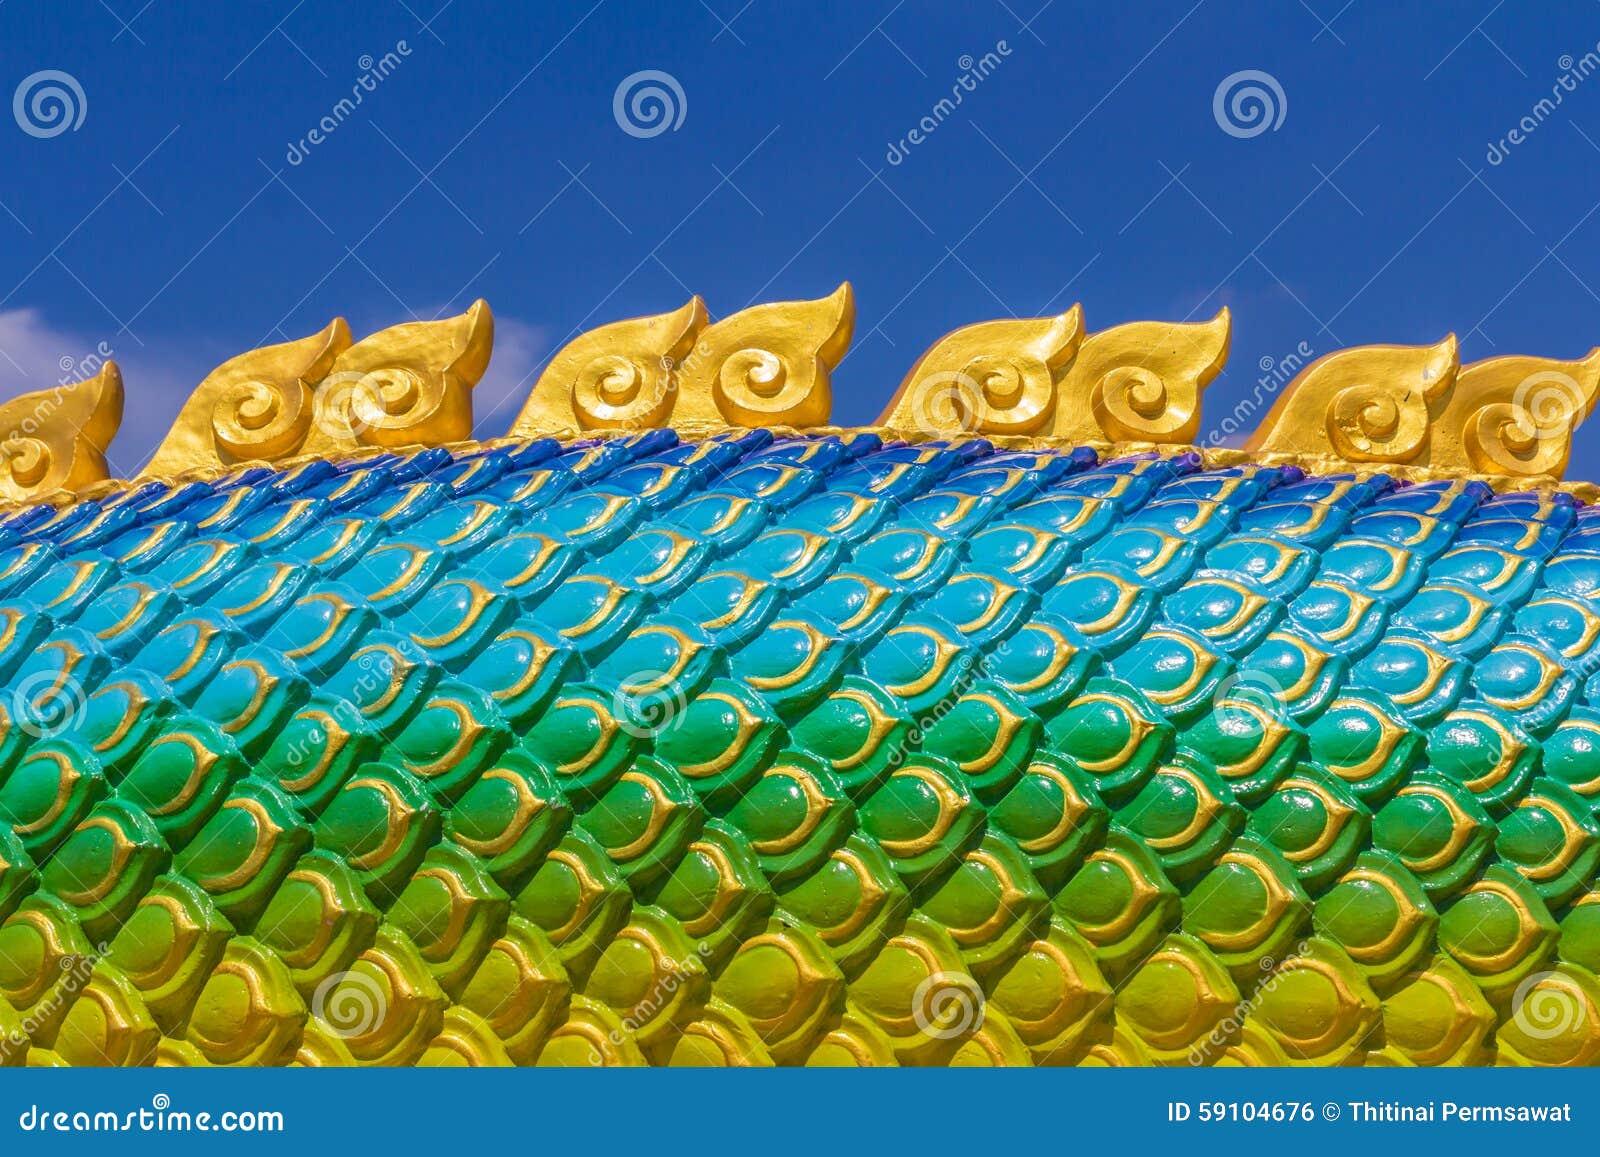 大鳞状纳卡人蛇